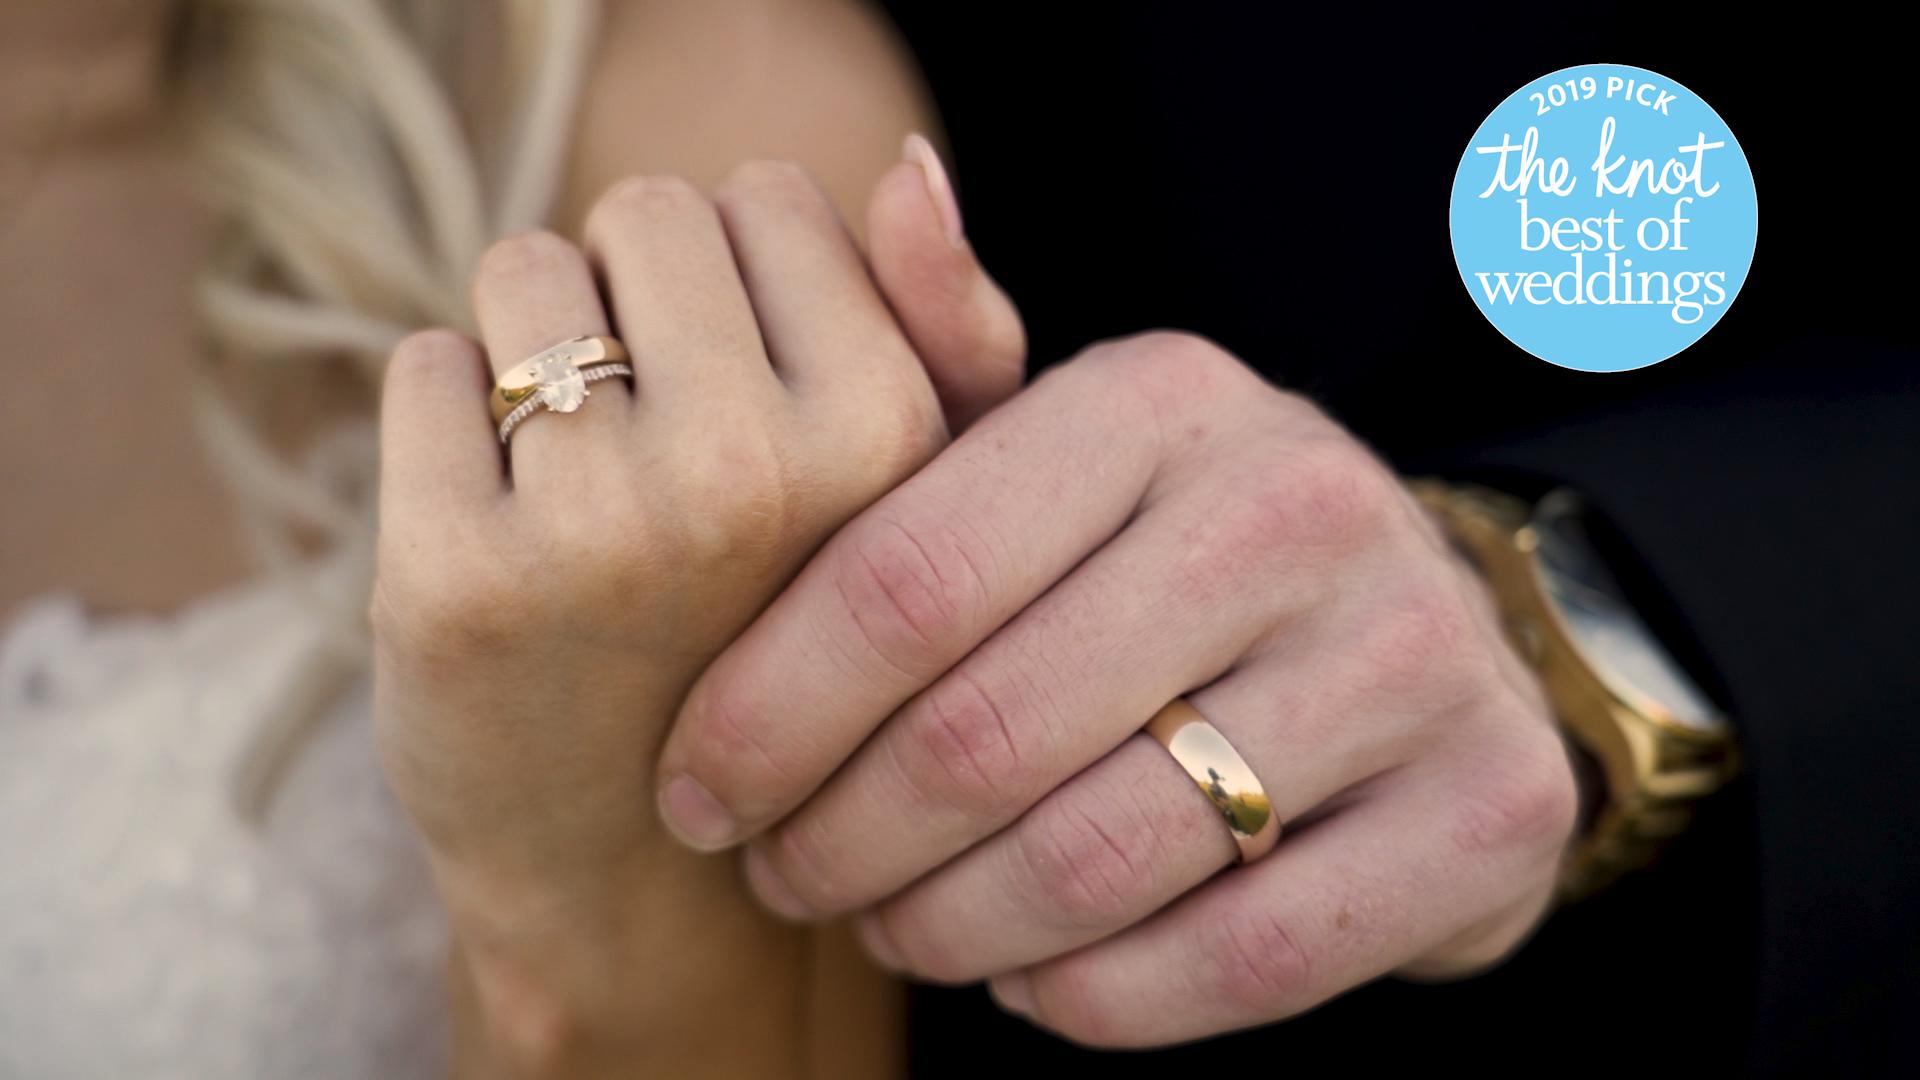 The Wedding of Haleigh + Hayden